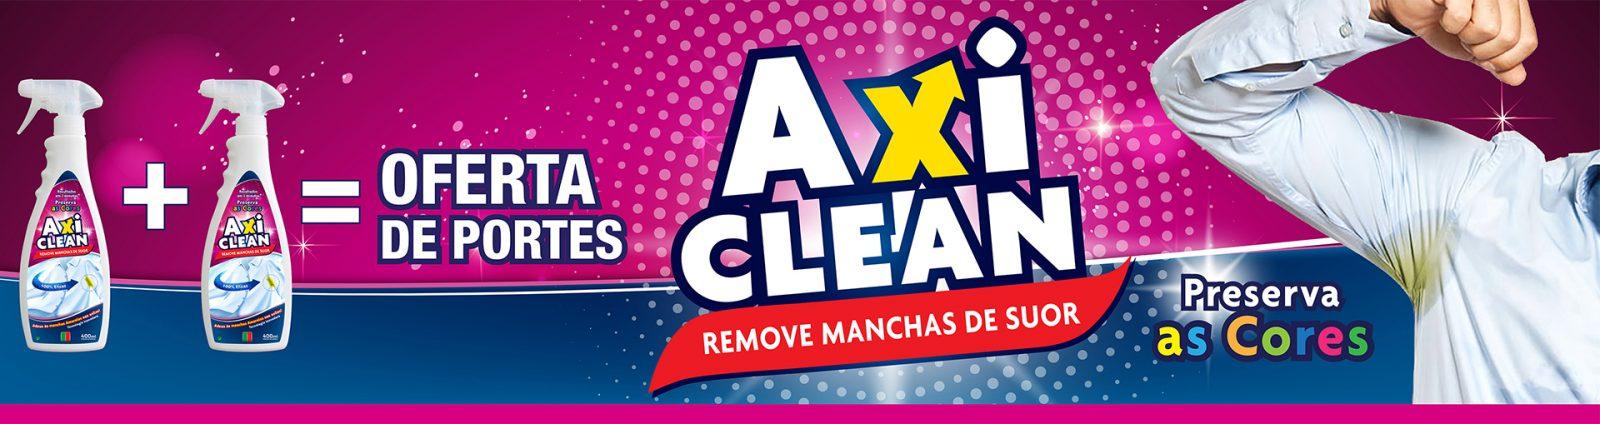 axi clean remove manchas de suor